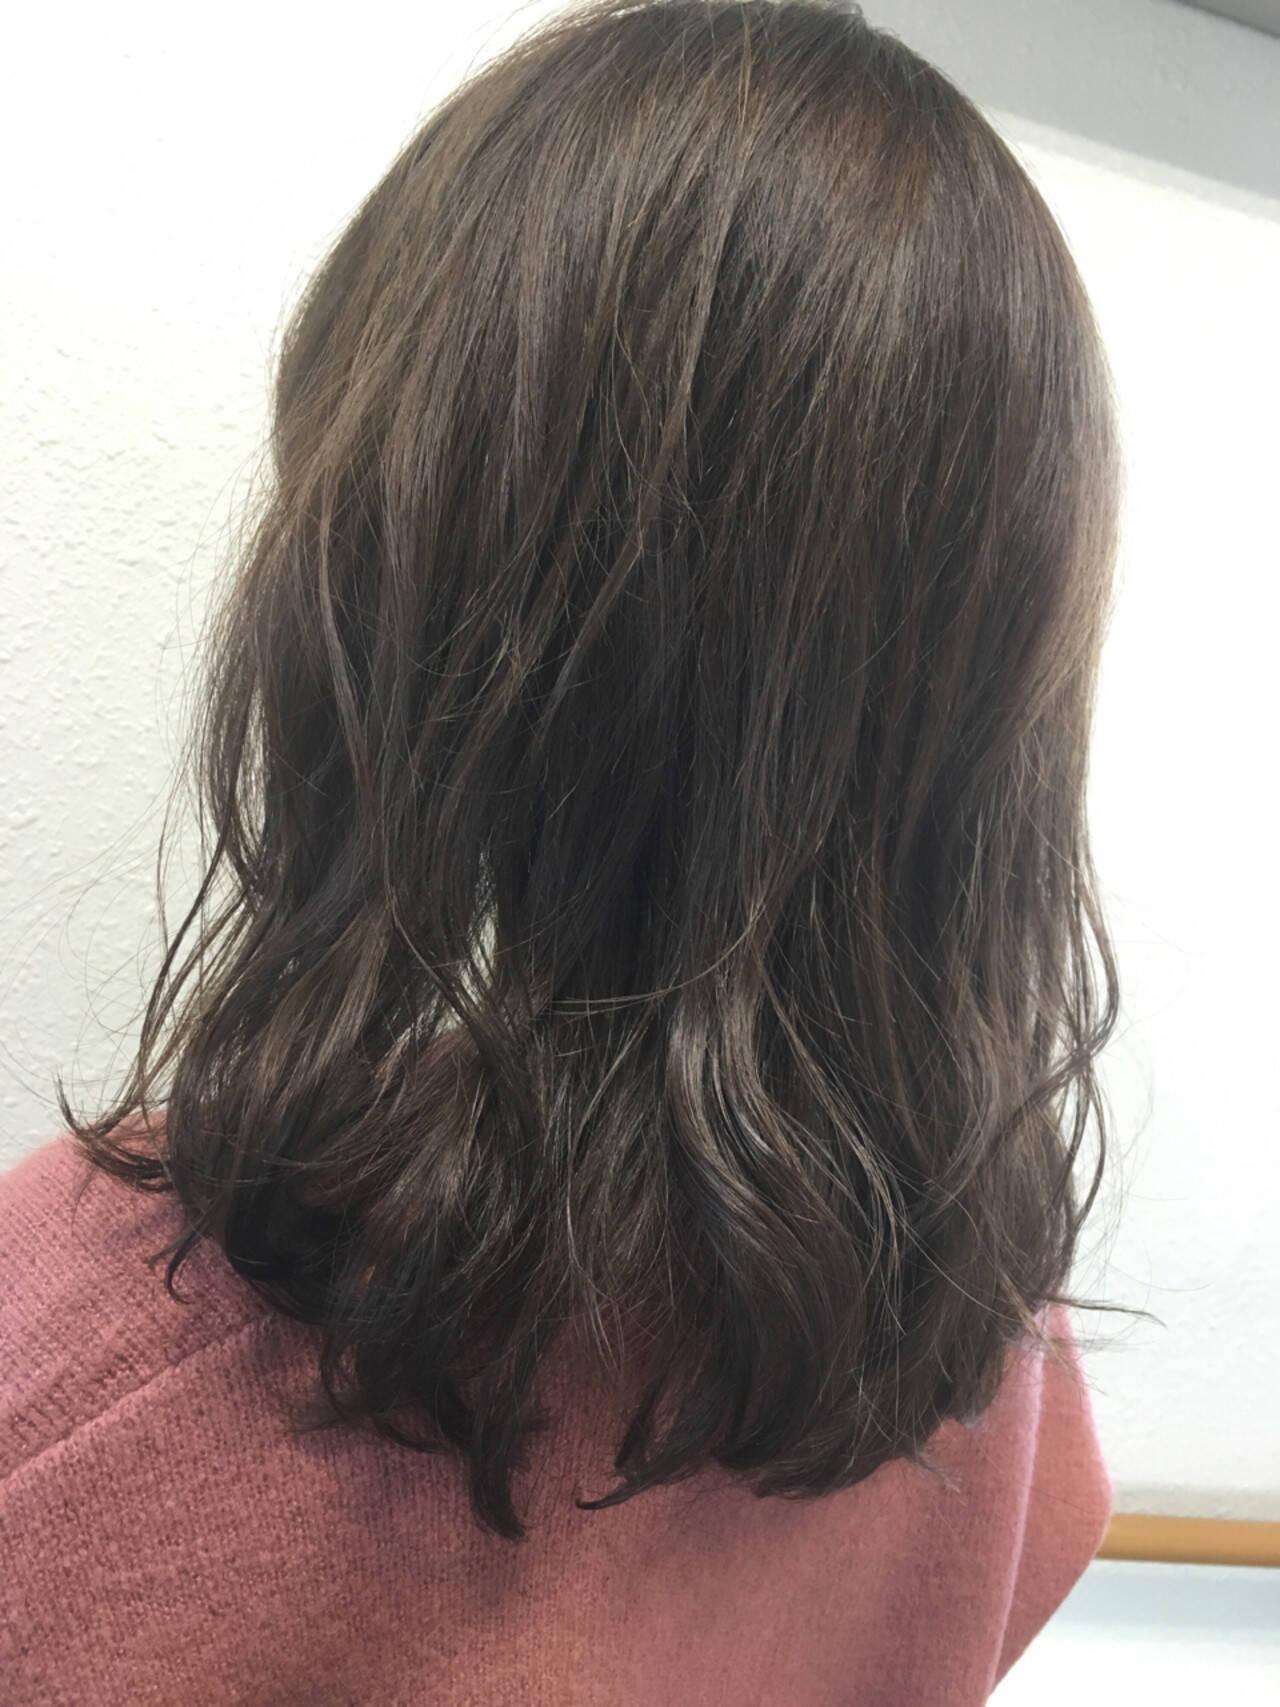 アッシュ ミディアム ストリート 黒髪ヘアスタイルや髪型の写真・画像